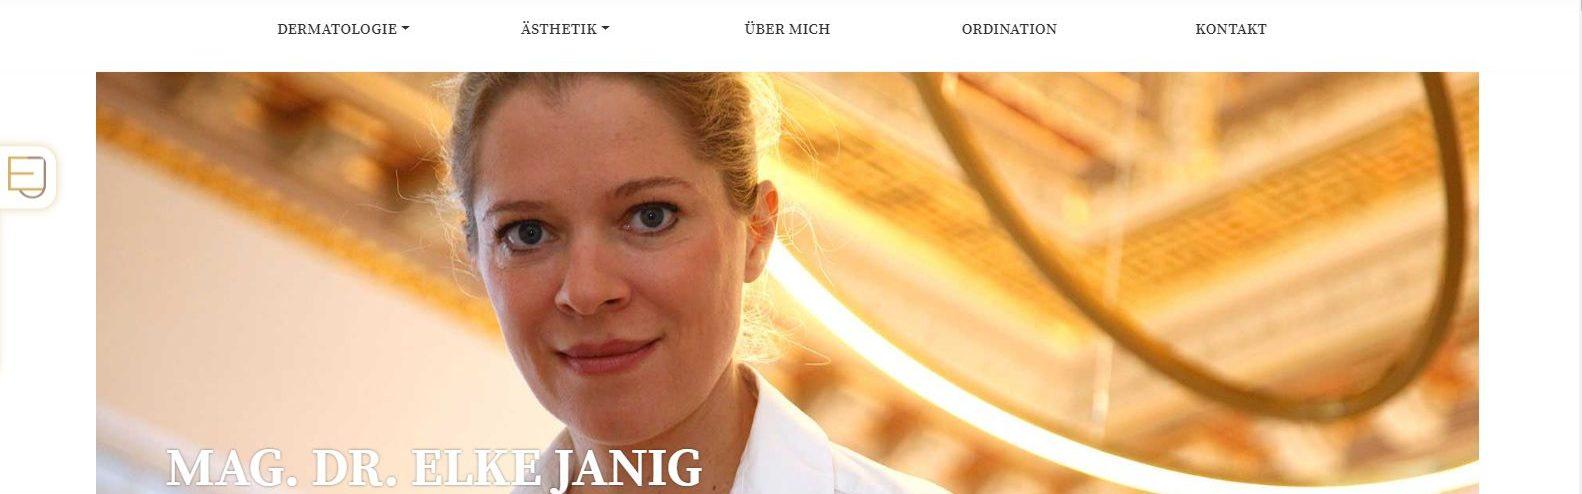 Foto von Dr. Elke Janig | Website mit Texten von Lina Bibaric, LiNAs BÜRO.